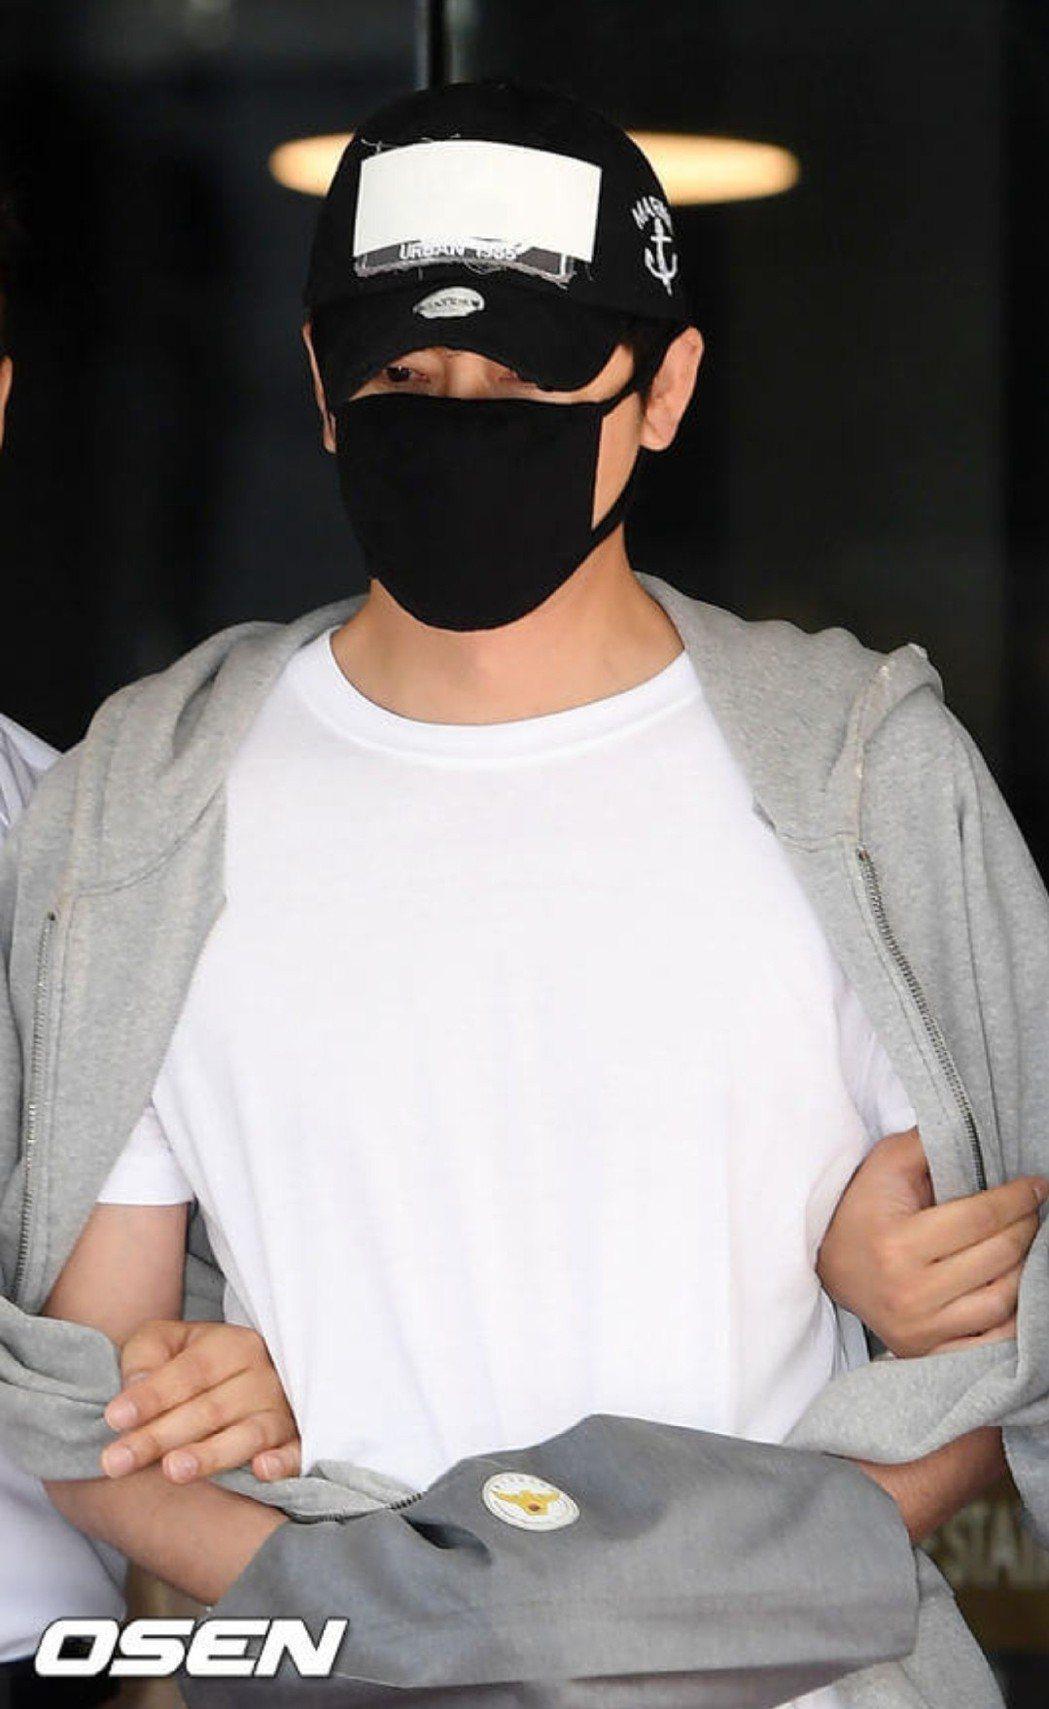 姜至奐上銬接受法院審訊。圖/摘自osen